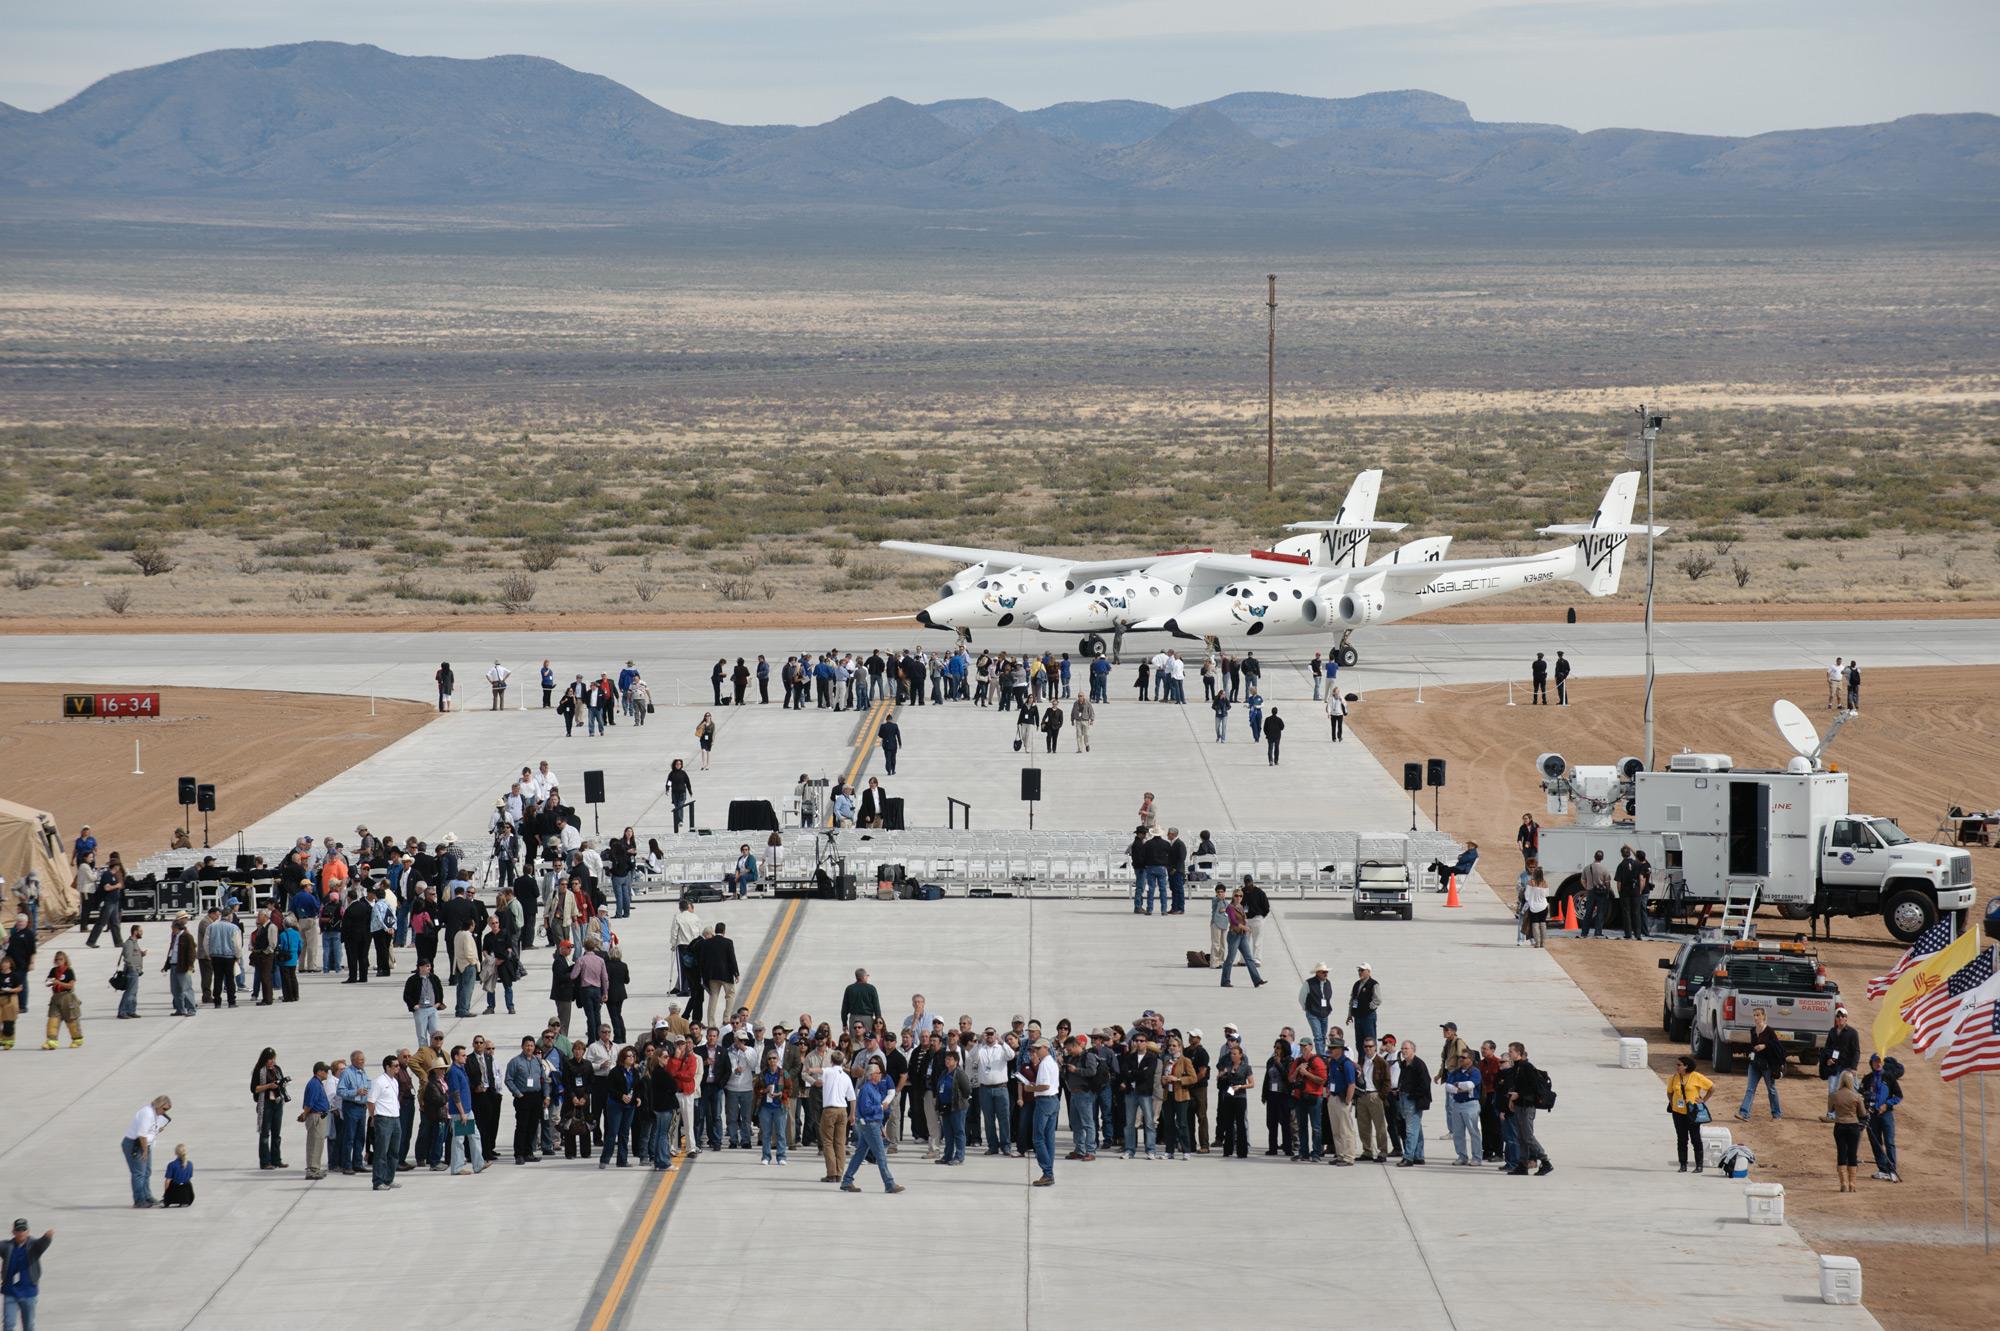 Spaceport America's Runway Dedication